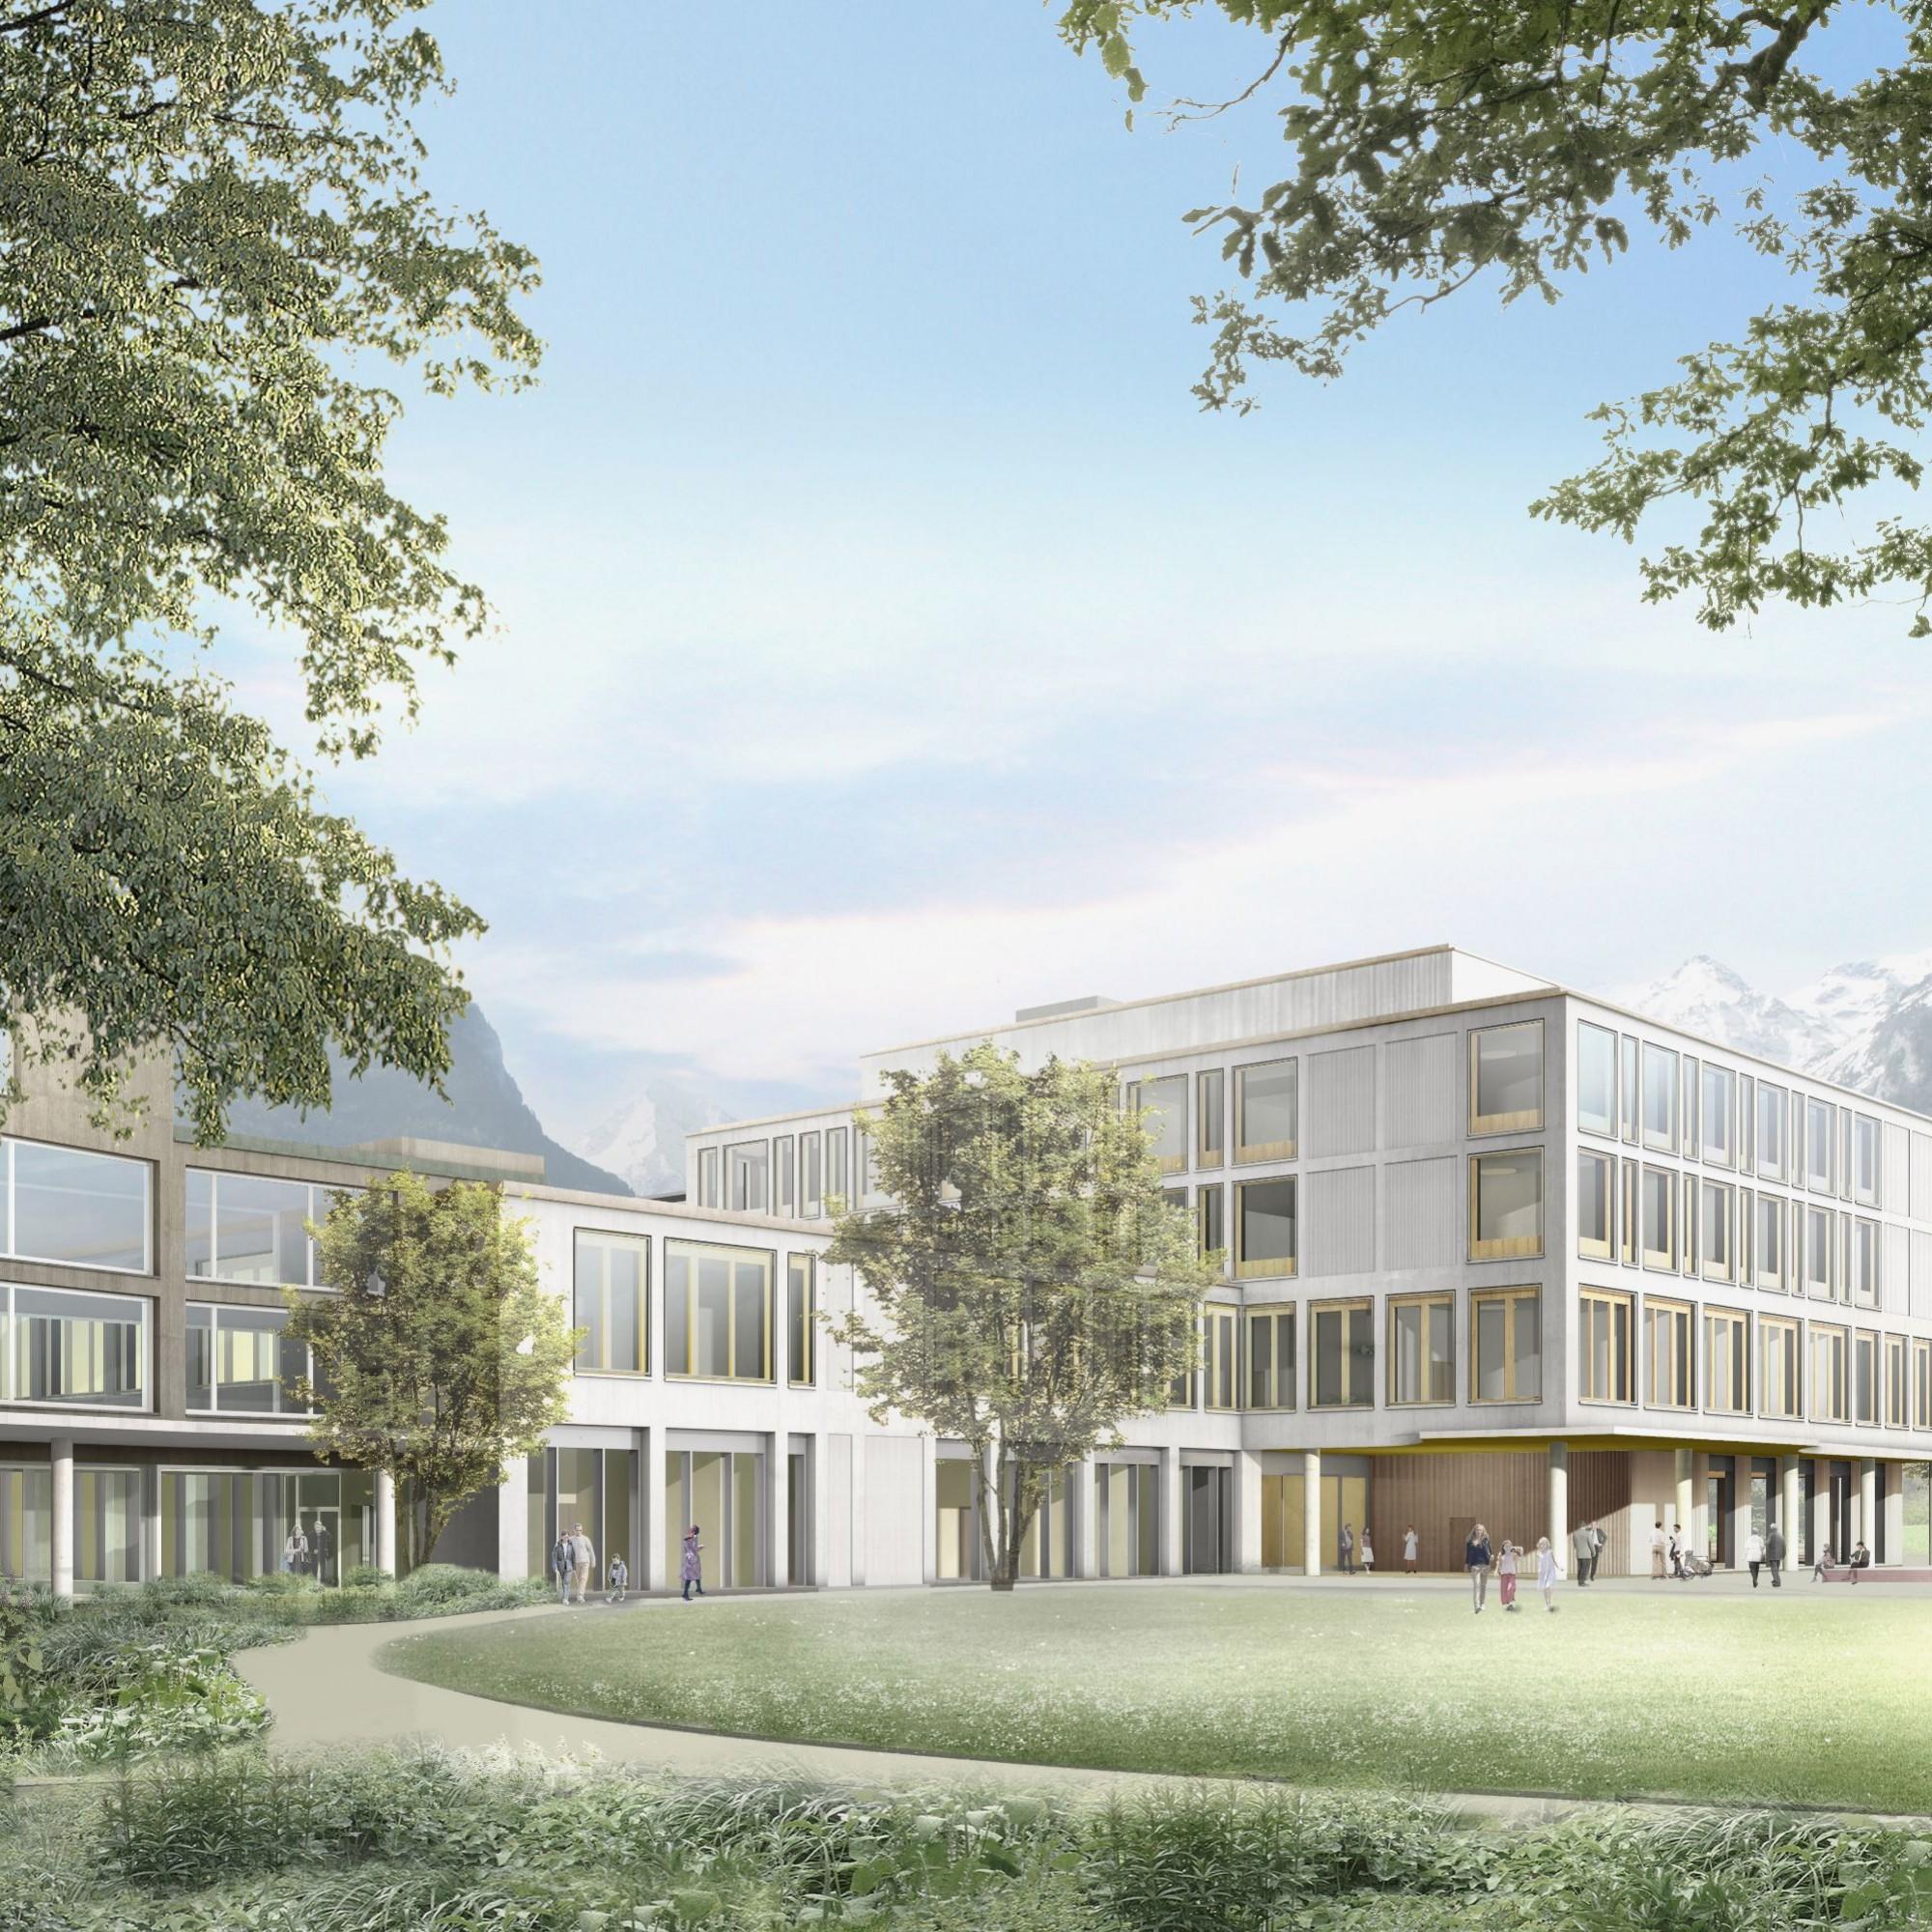 Aussenansicht des neuen Kantonsspitals Uri von der Spitalstrasse aus gesehen.